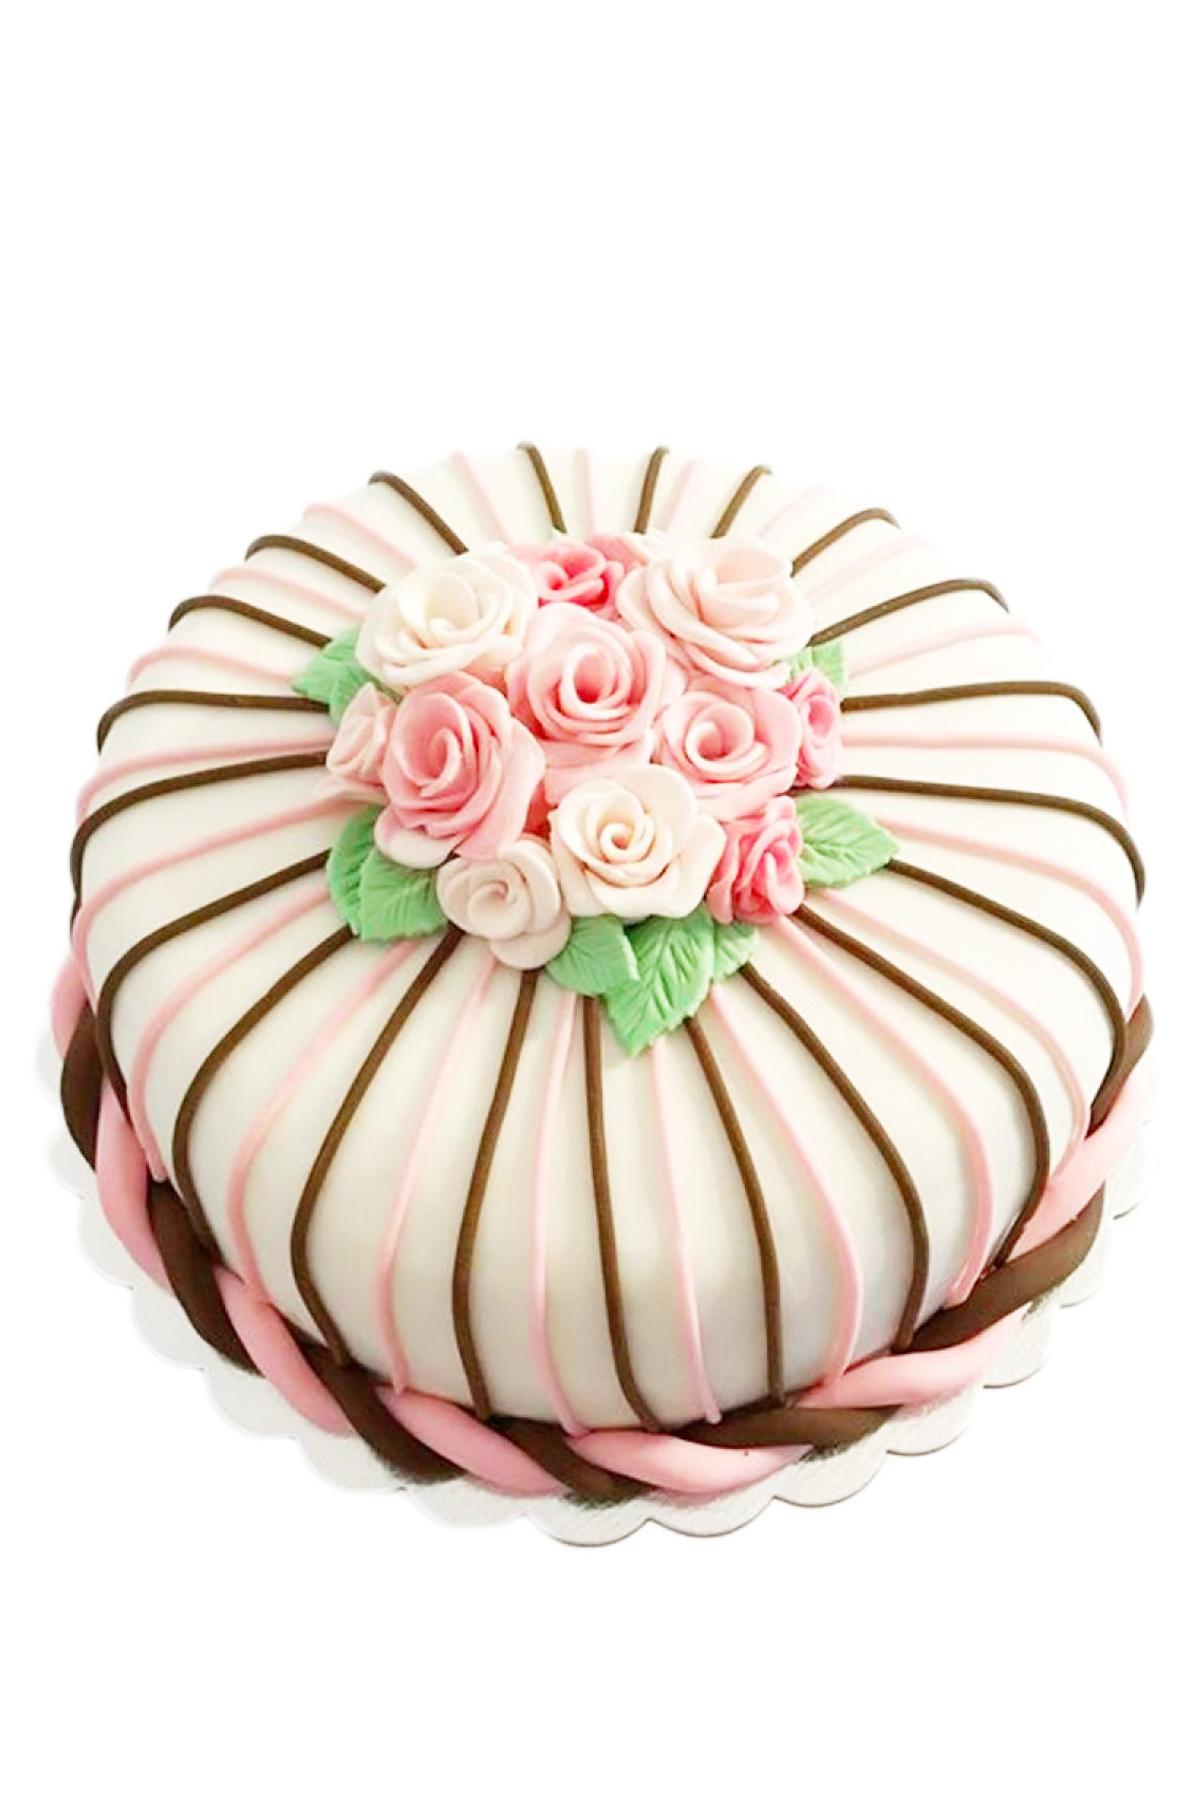 Bánh fondant hoa hồng đẹp giản đơn và nhẹ nhàng